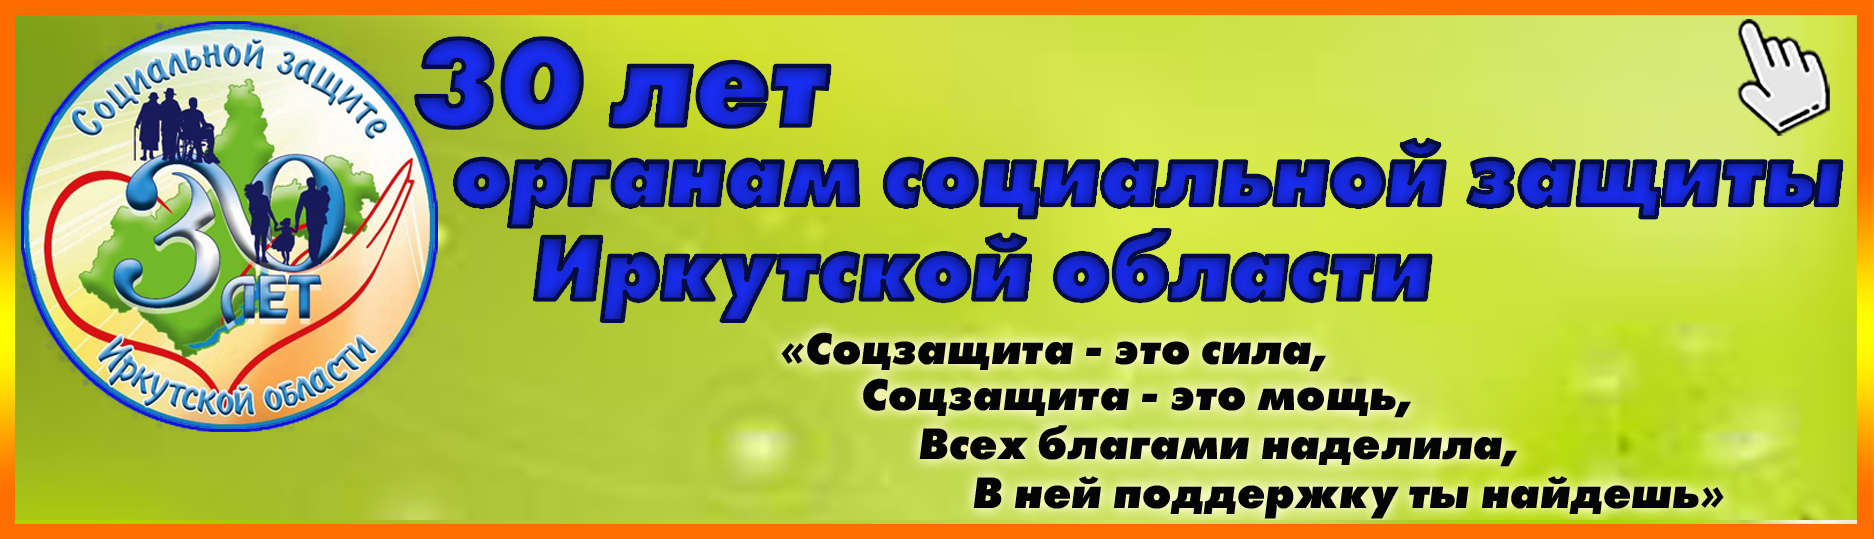 30 лет органам социальной защиты Иркутской области